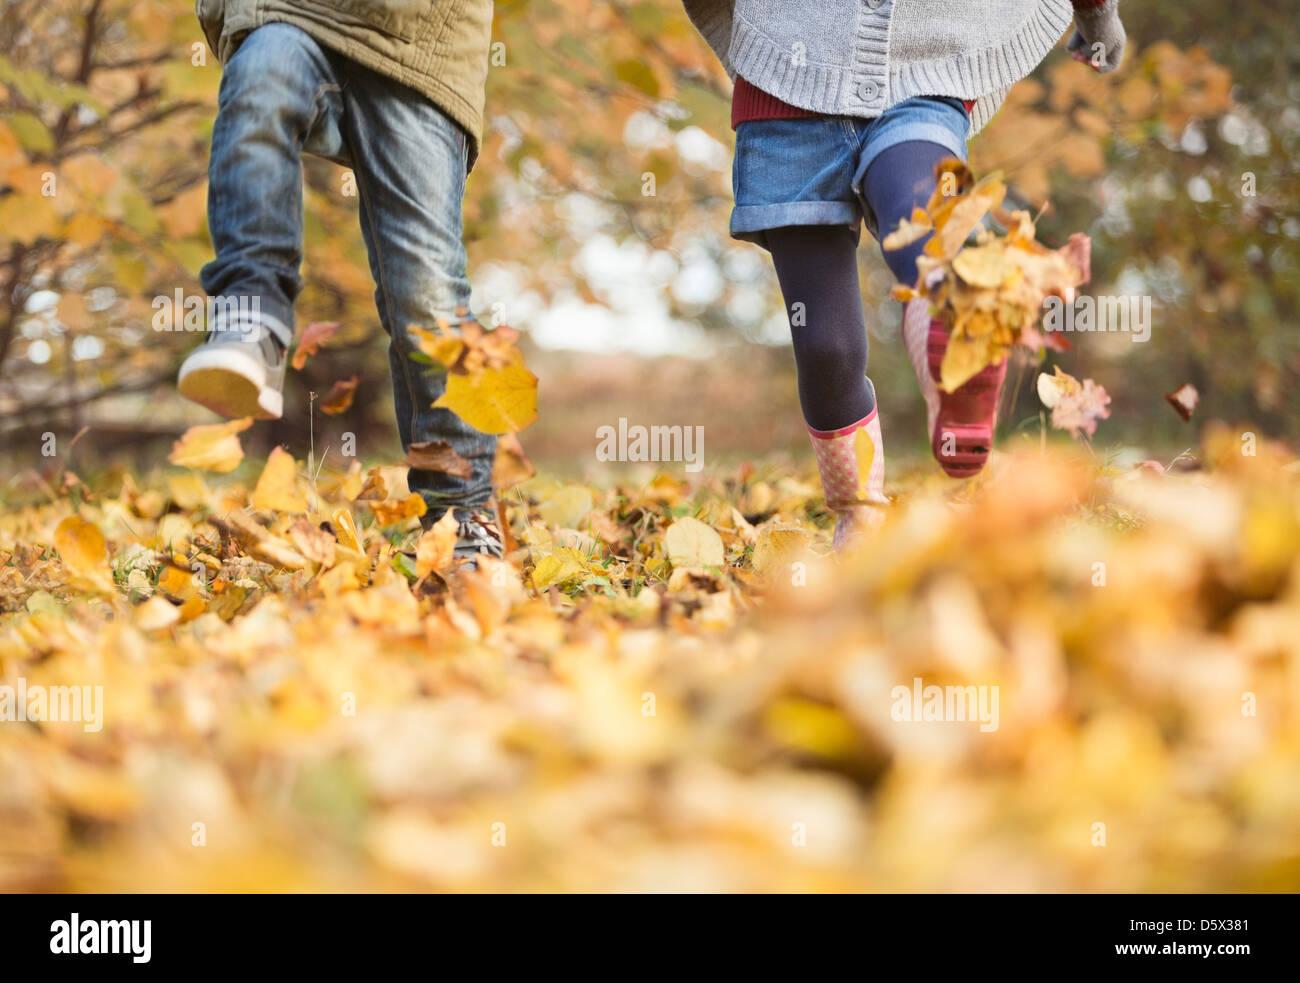 Les enfants marcher dans les feuilles d'automne Photo Stock